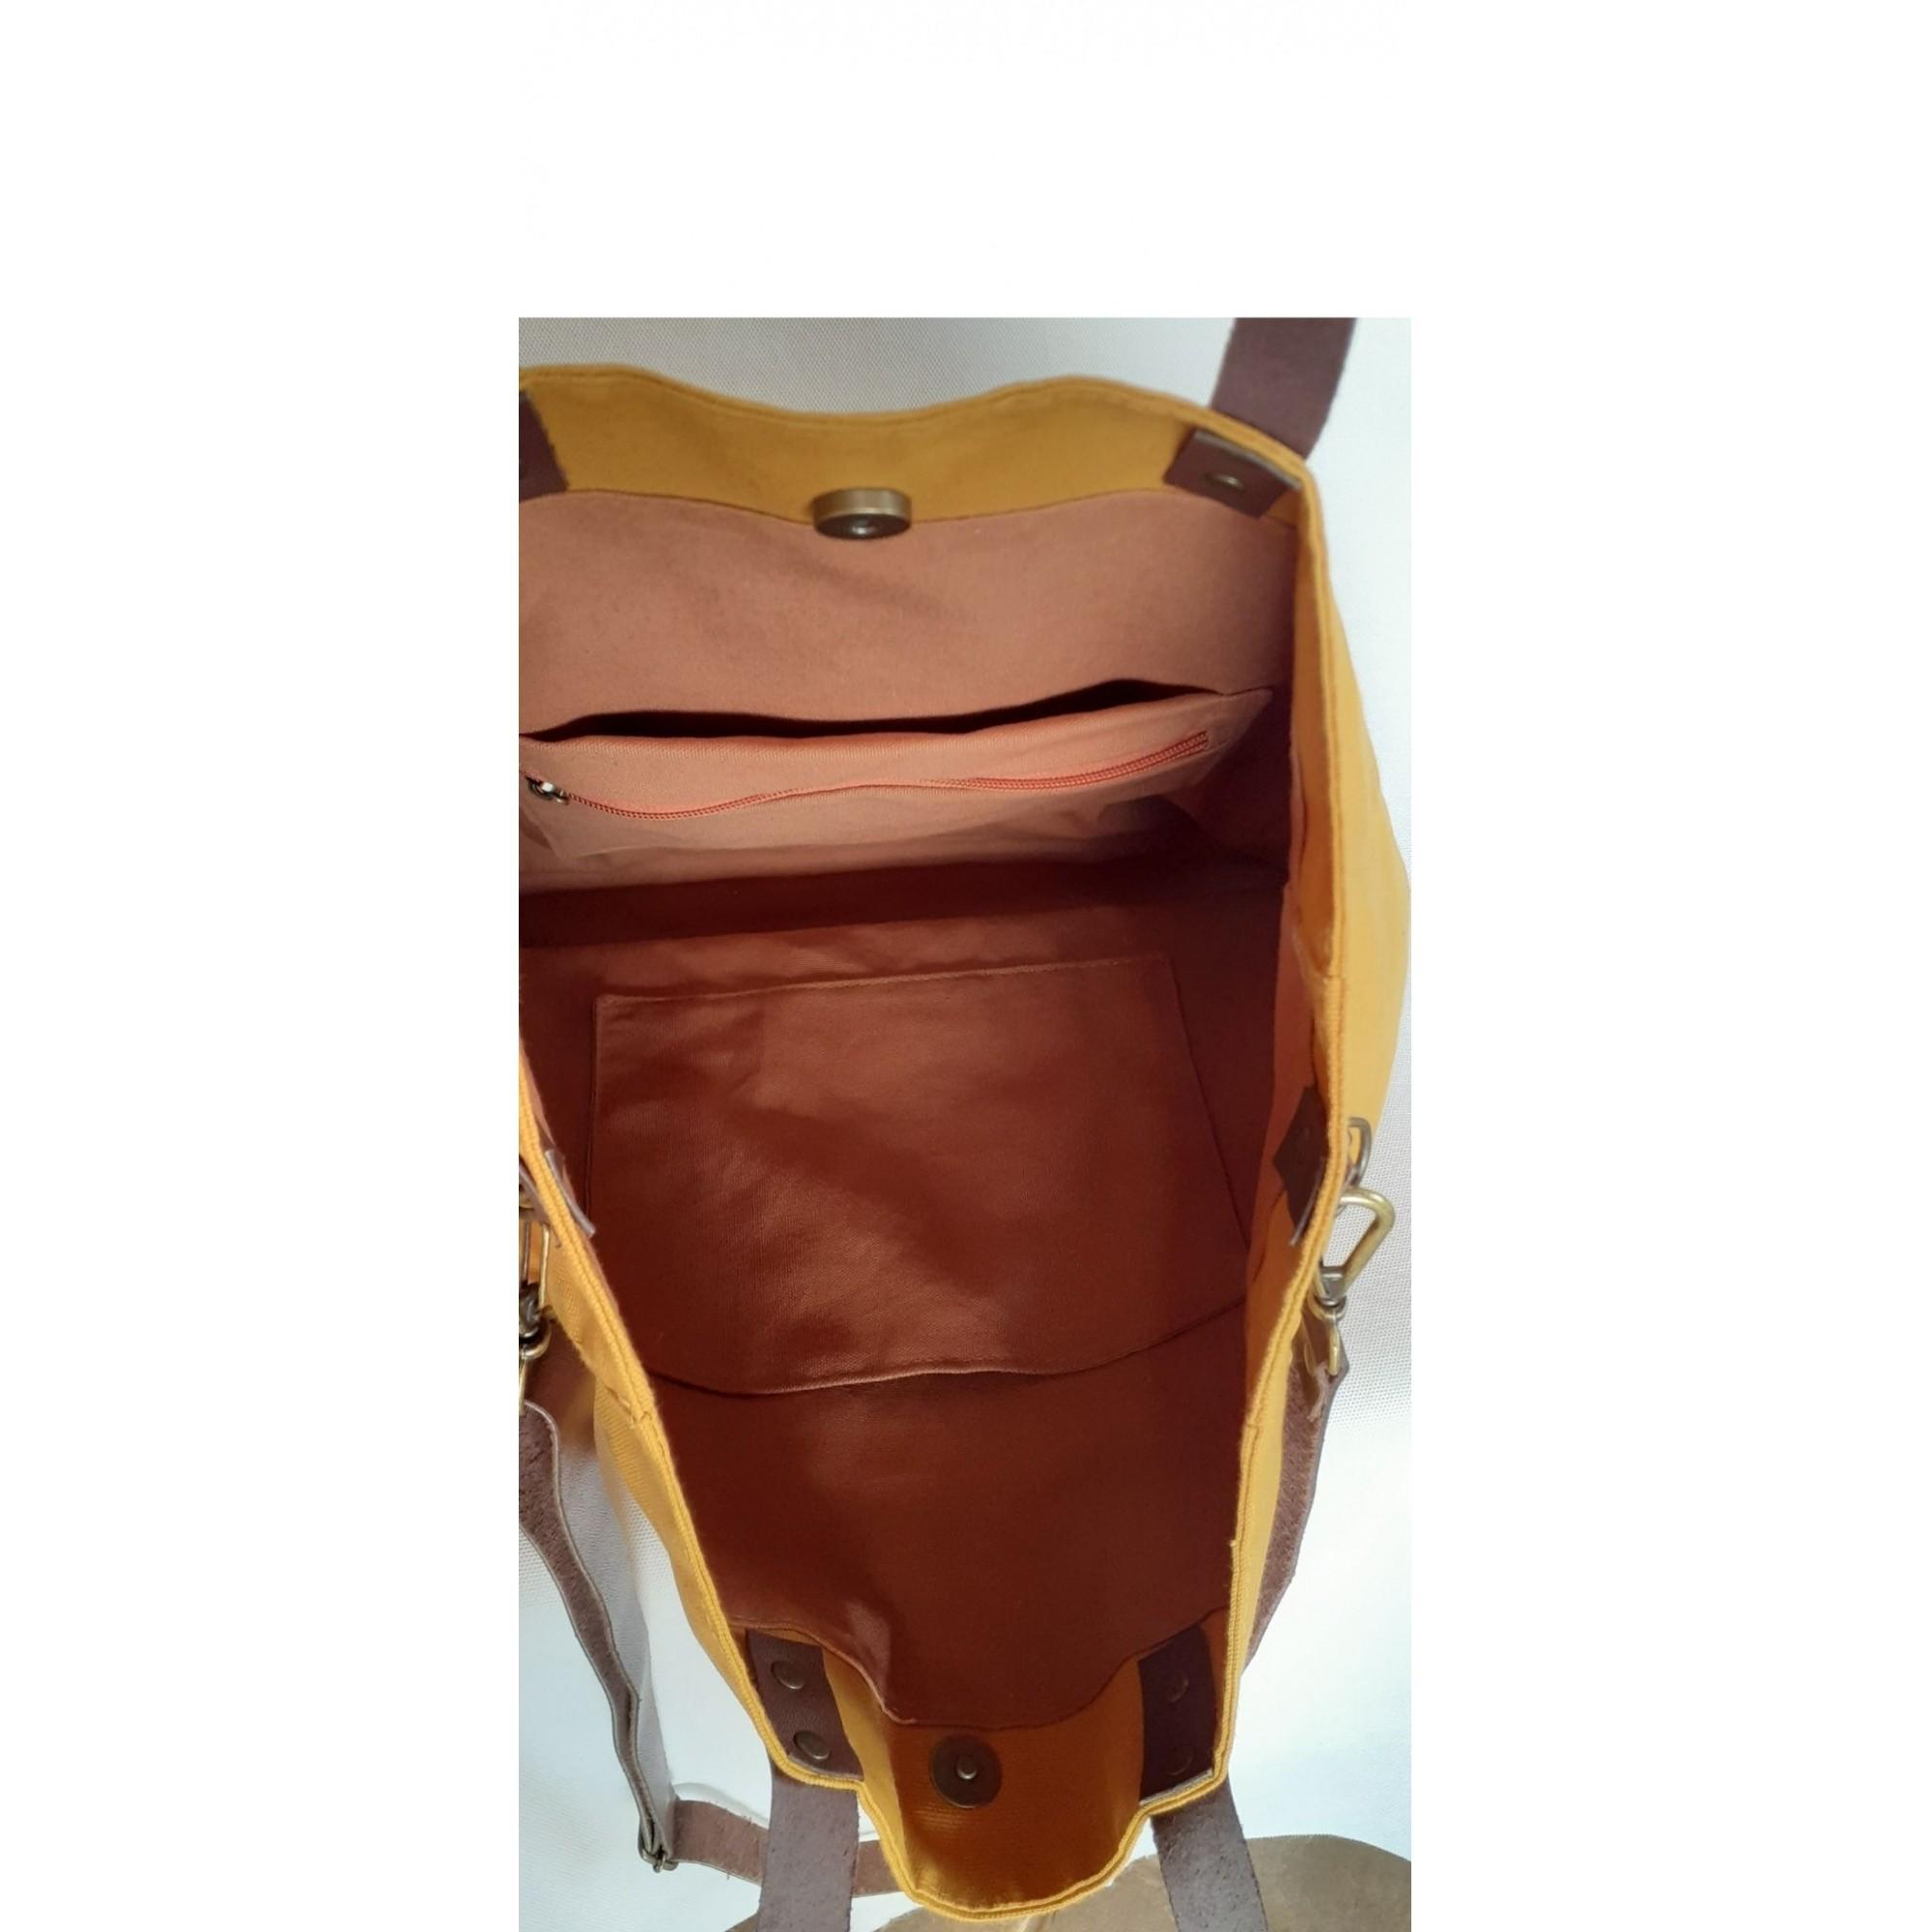 Bolsa maccril de tecido cor mostarda